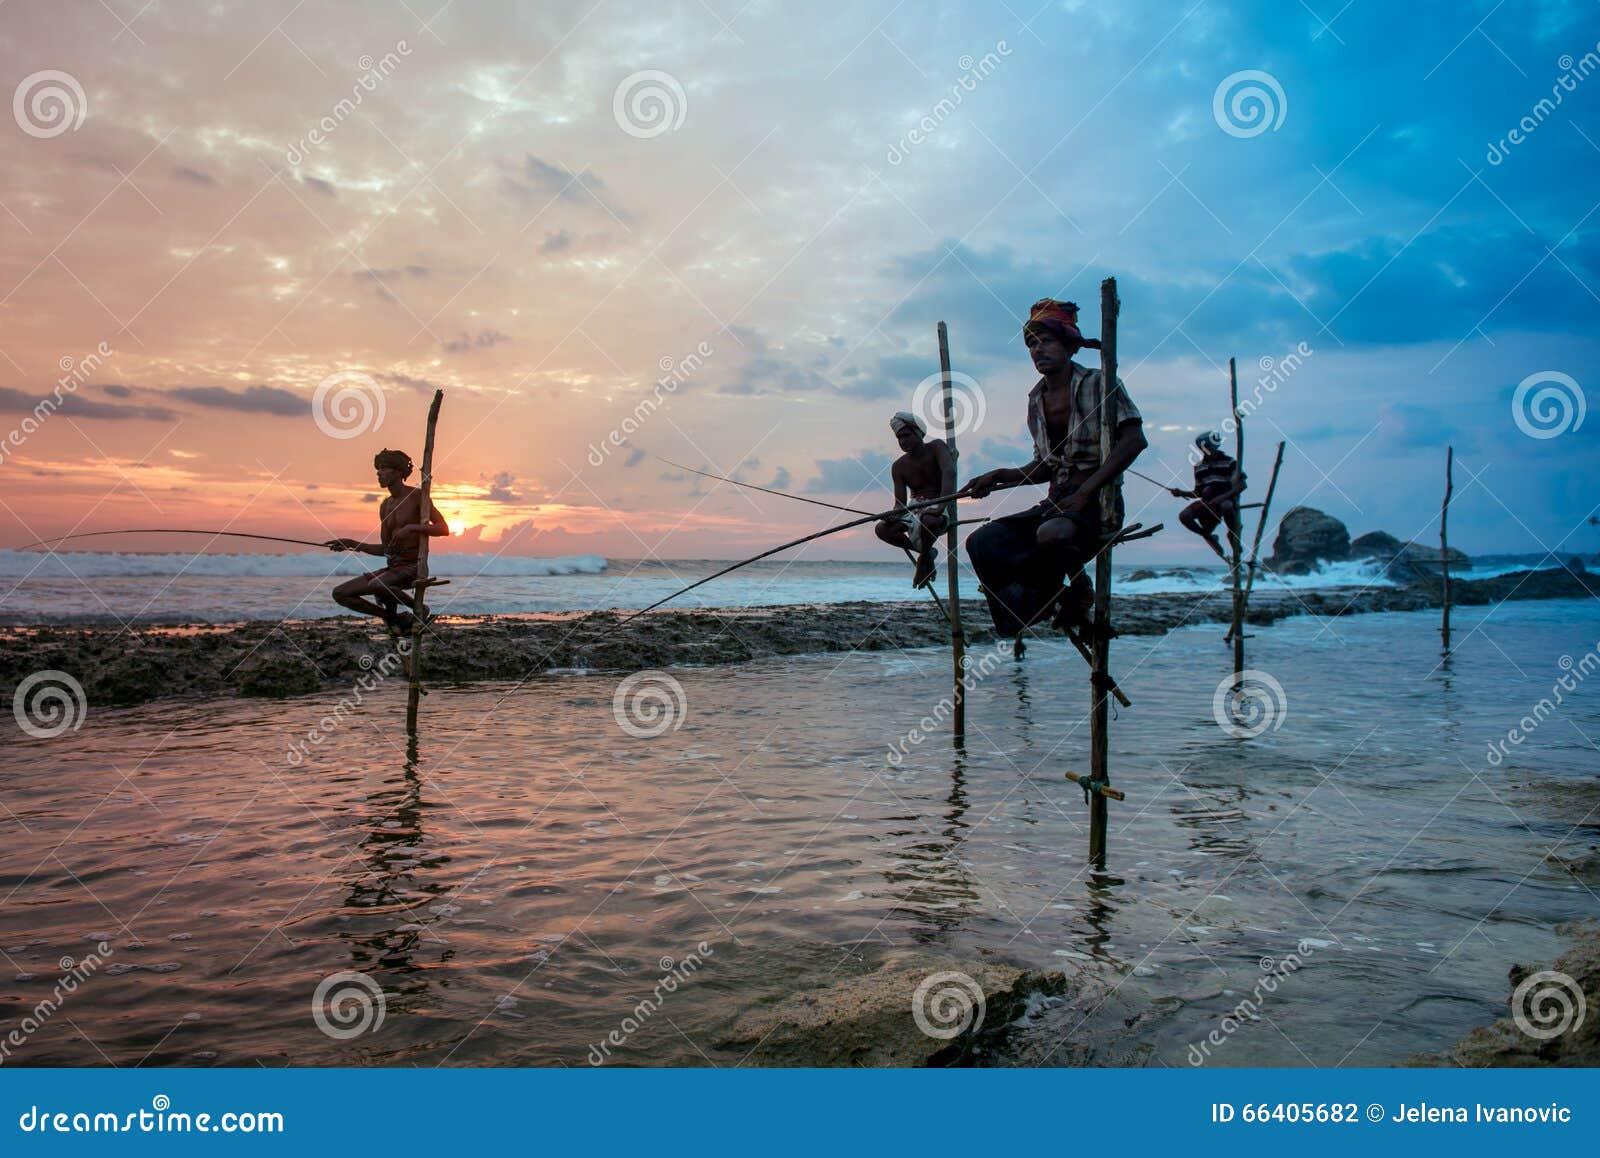 Stilt fisherman in koggala sri lanka editorial for Fishing in november